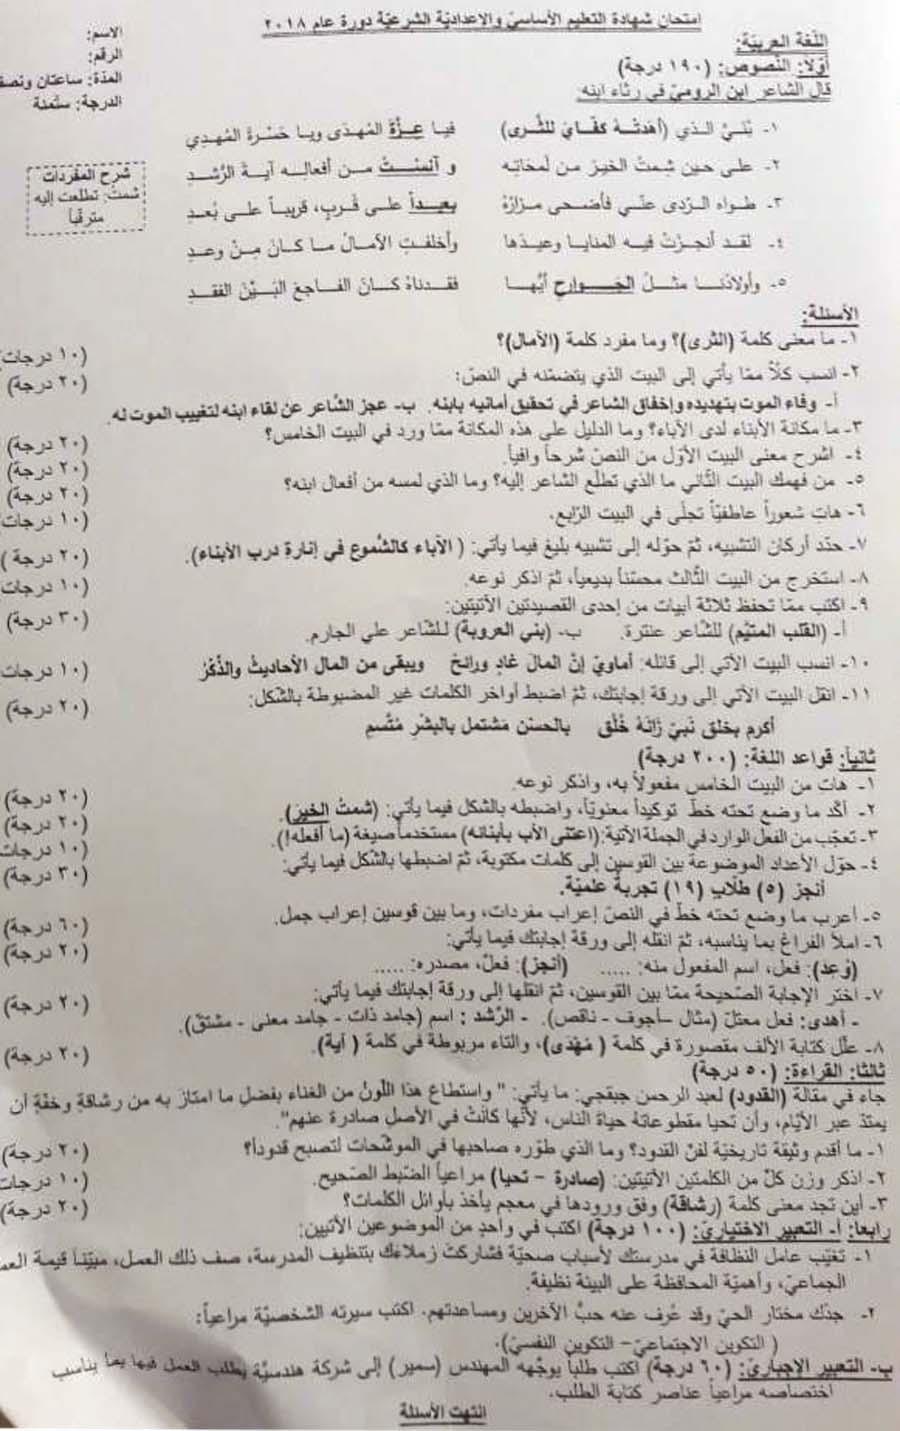 اللاذقية ورقة اسئلة اللغة العربية للامتحان النهائي لطلاب شهادة التعليم الأساسي 2018 - التاسع سوريا